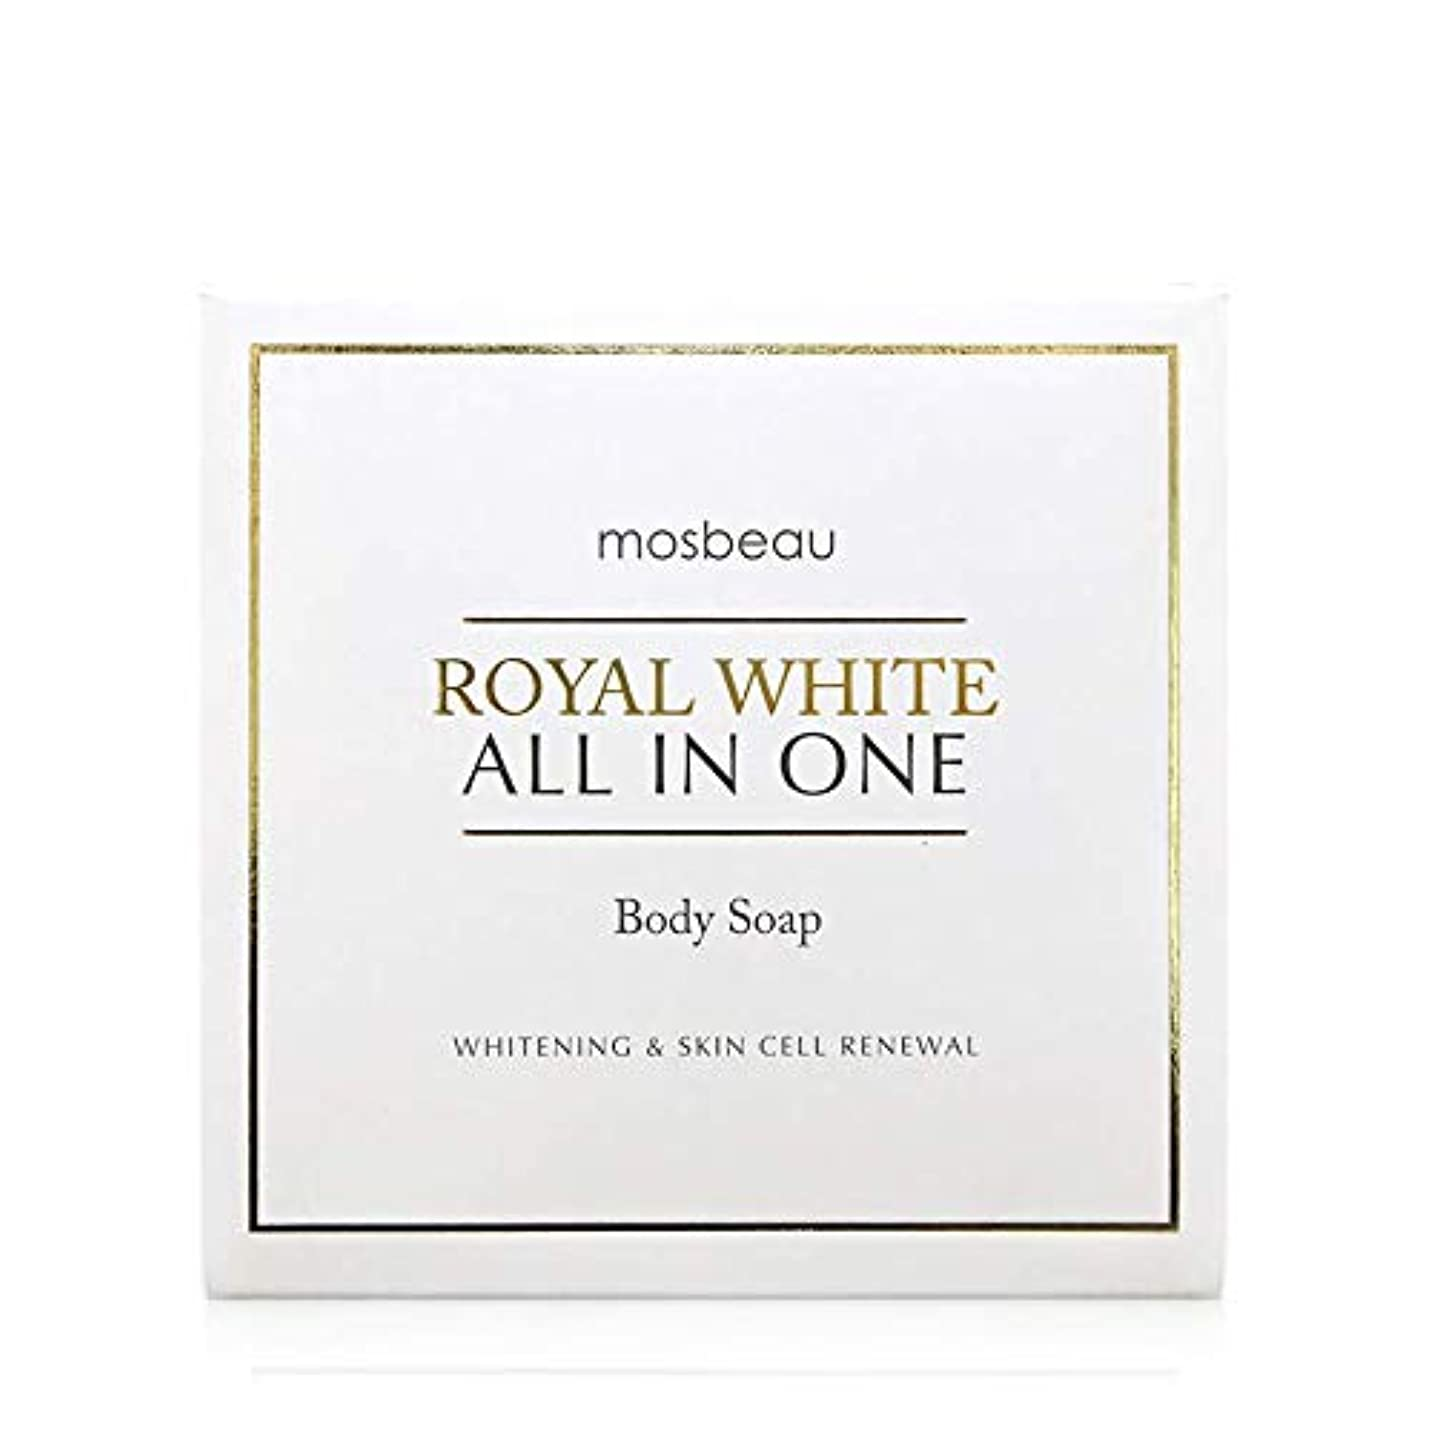 見出し絵熟読mosbeau ROYAL WHITE ALL-IN-ONE BODY SOAP 100g ロィヤルホワイトオールインワンボディーソープ